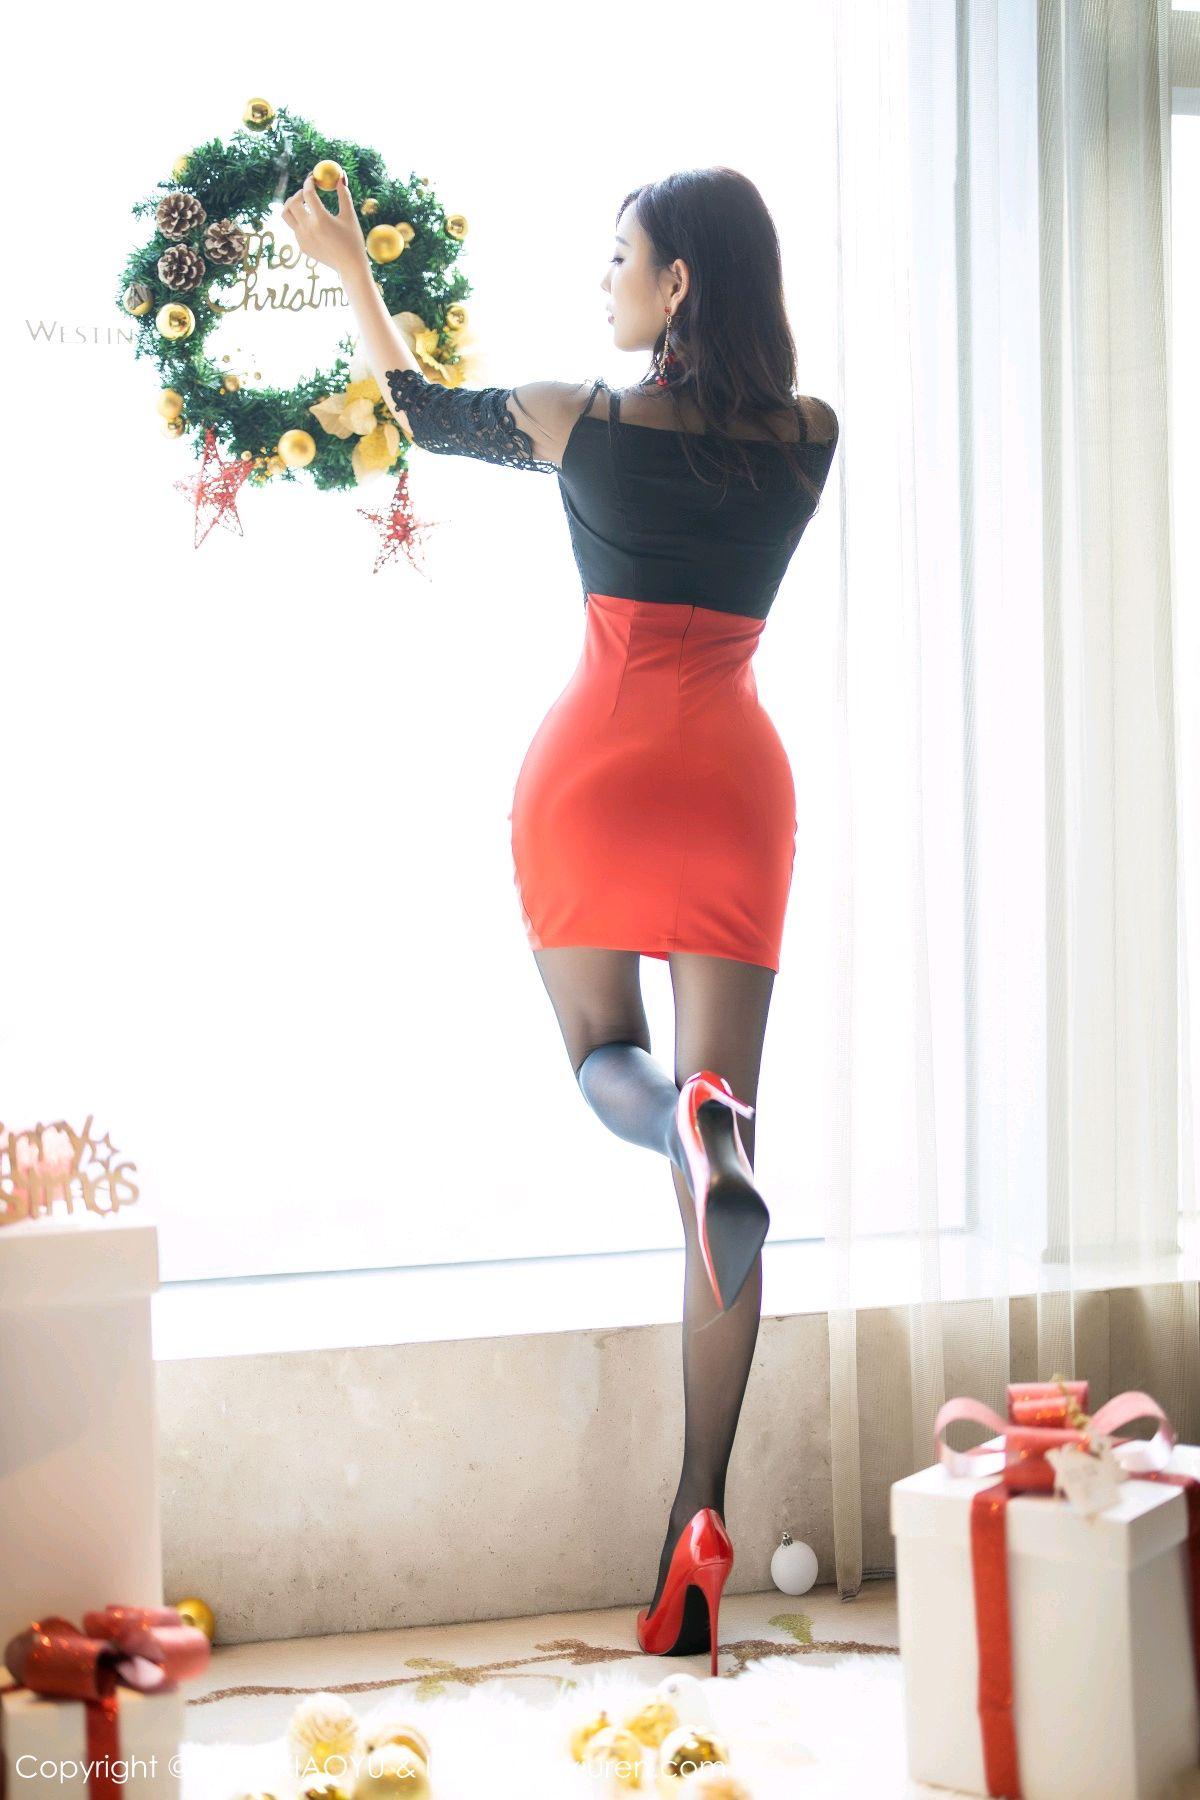 [XiaoYu] Vol.225 Yang Chen Chen 20P, Christmas, Underwear, XiaoYu, Yang Chen Chen